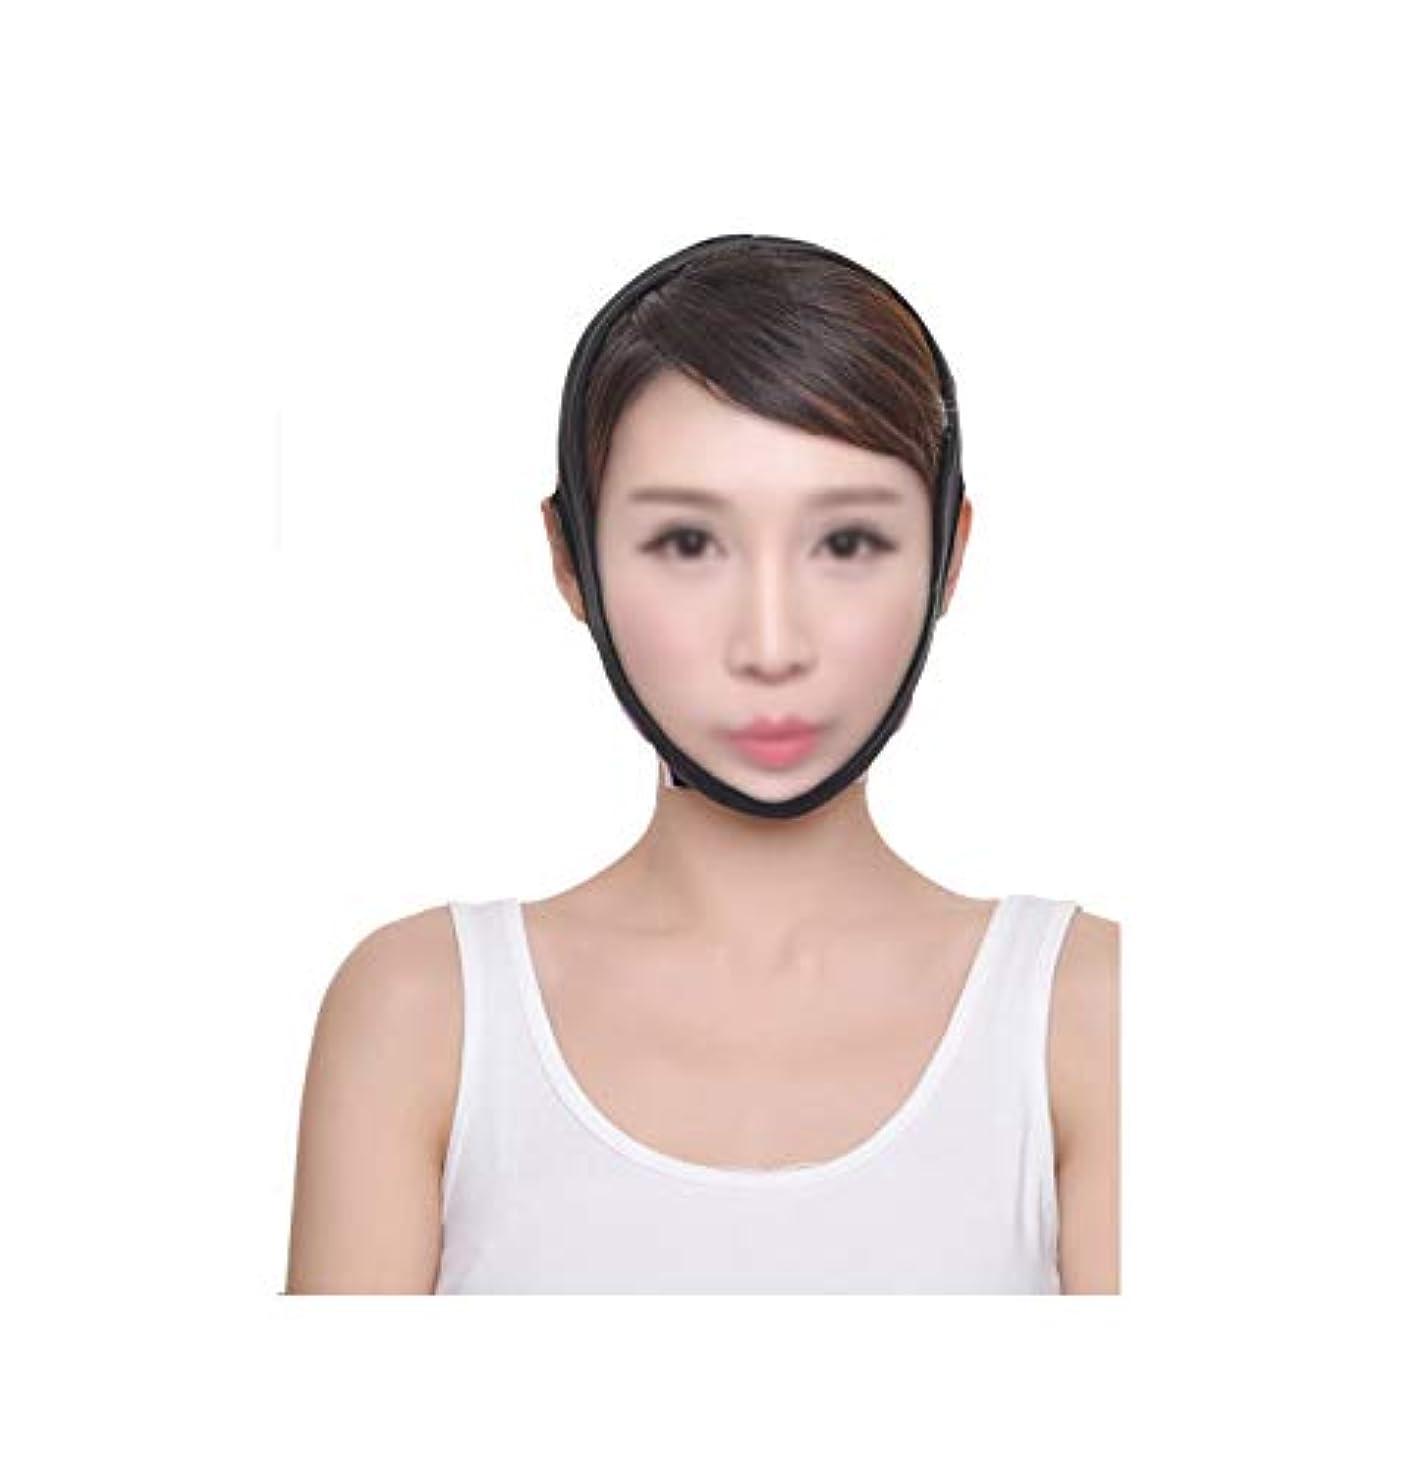 適合するブランクオセアニアXHLMRMJ 引き締めフェイスマスク、フェイスリフティングアーティファクト脂肪吸引術脂肪吸引術後整形二重あご美容マスク黒フード (Size : M)